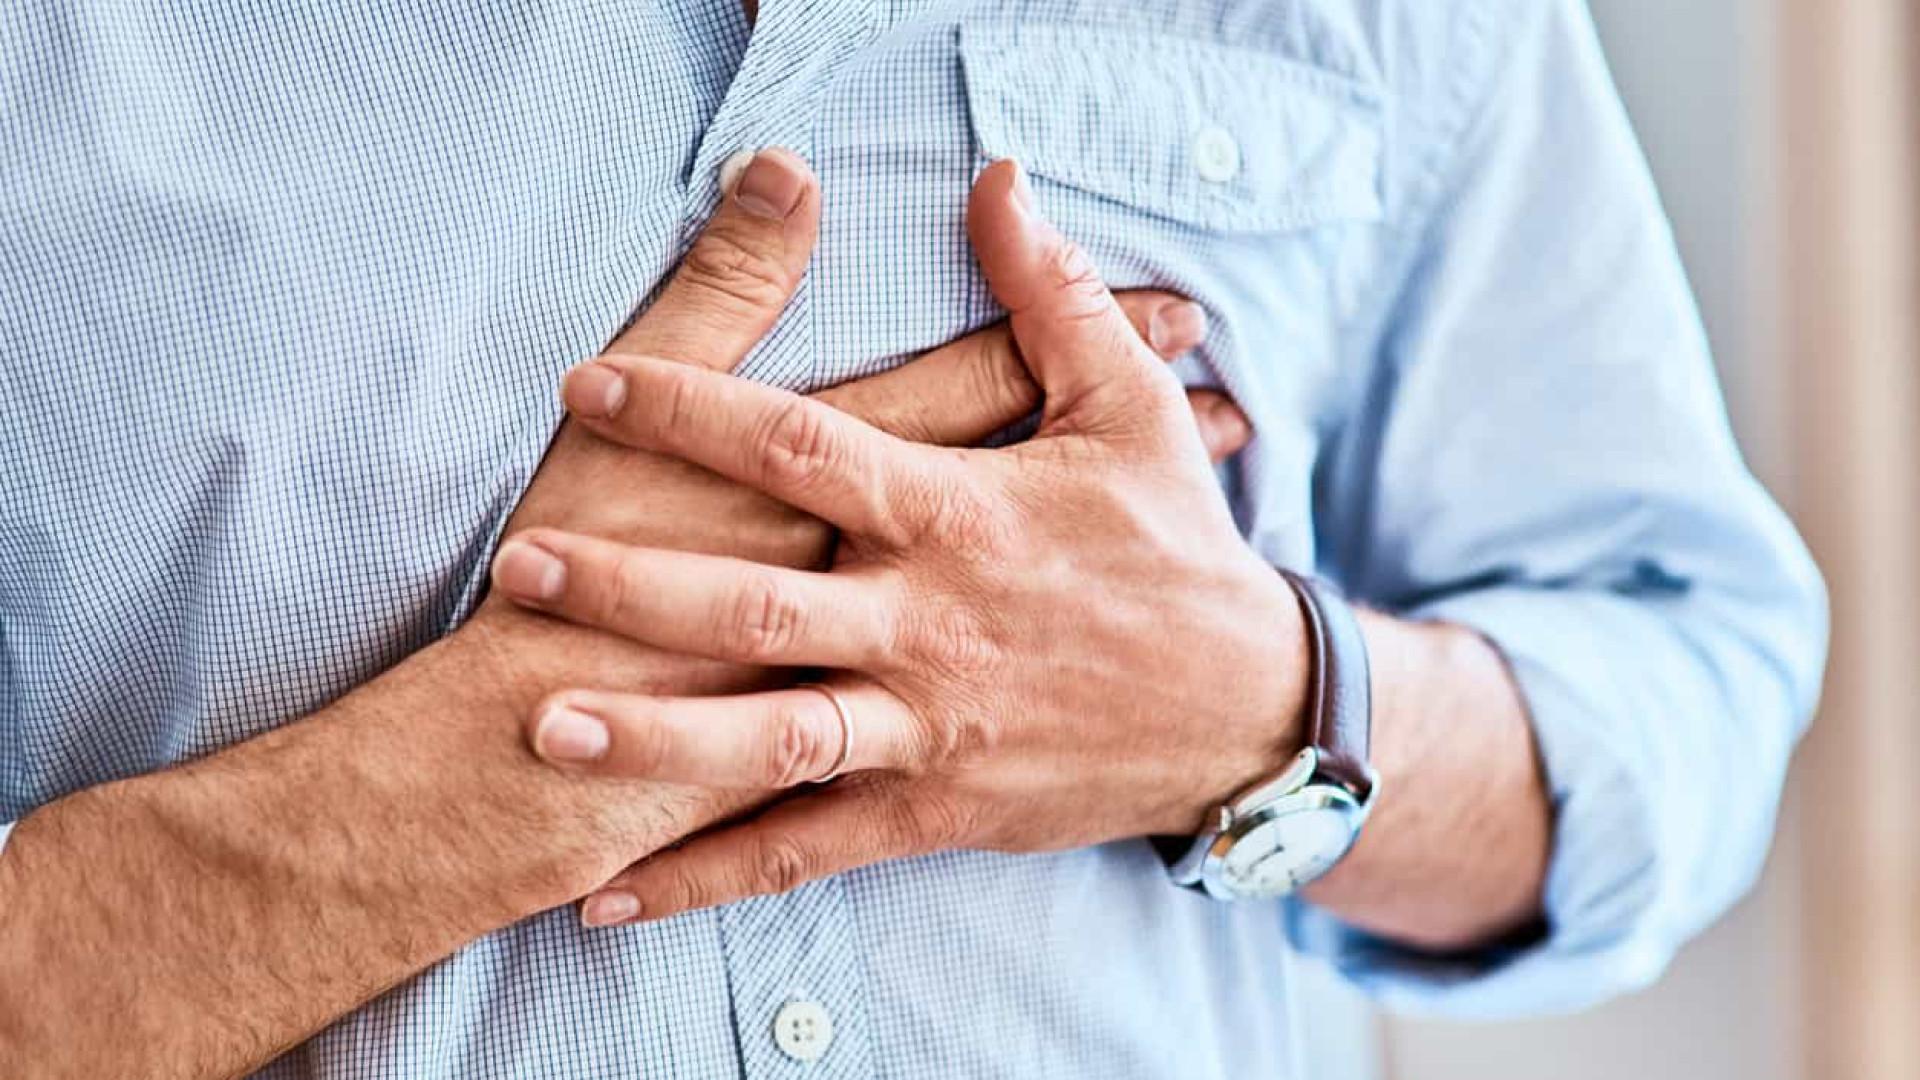 Fazer sexo reduz probabilidade de morrer após ataque cardíaco